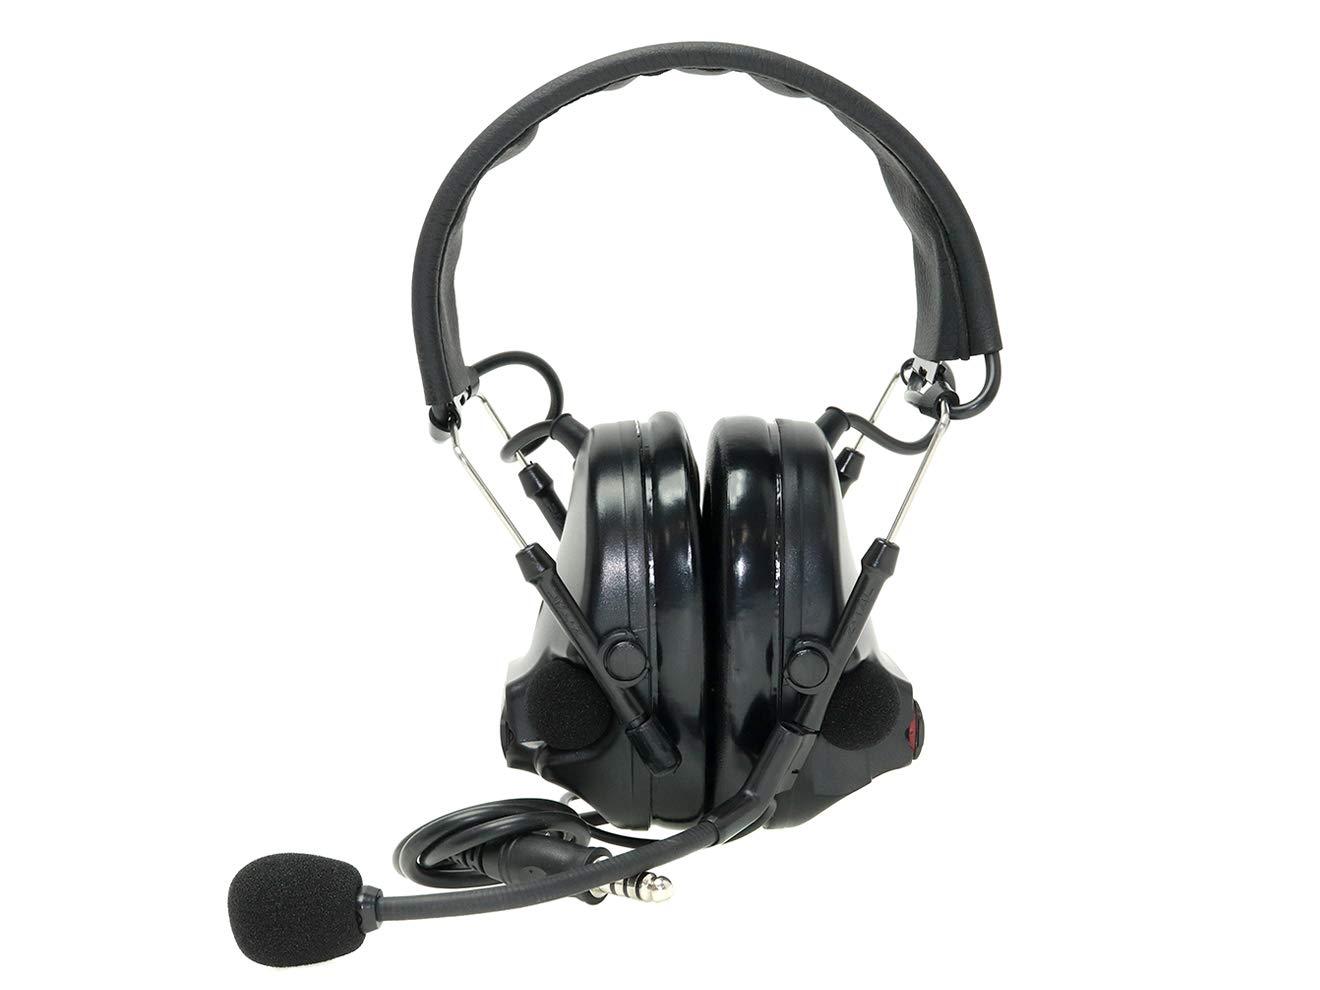 【正規代理店】Z-TACTICAL Comtac III タクティカルヘッドセット BK (ブラック) B07QKRKJNV